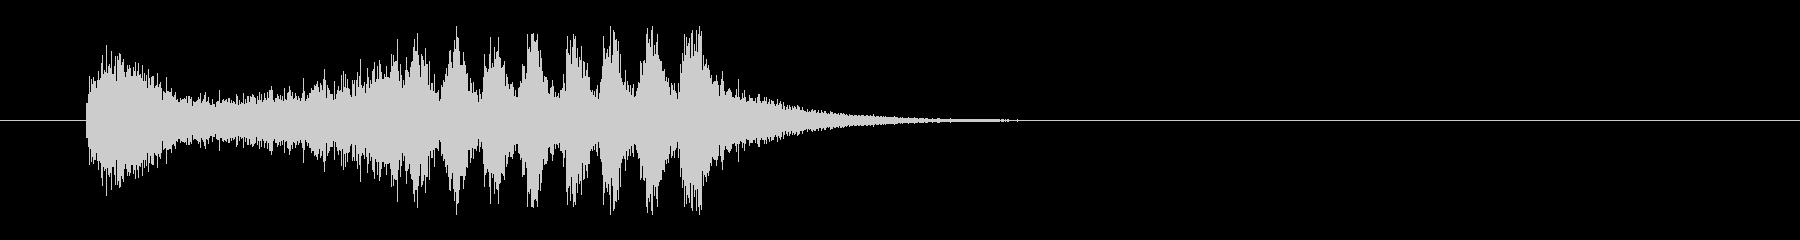 ジングル(サスペンス)の未再生の波形